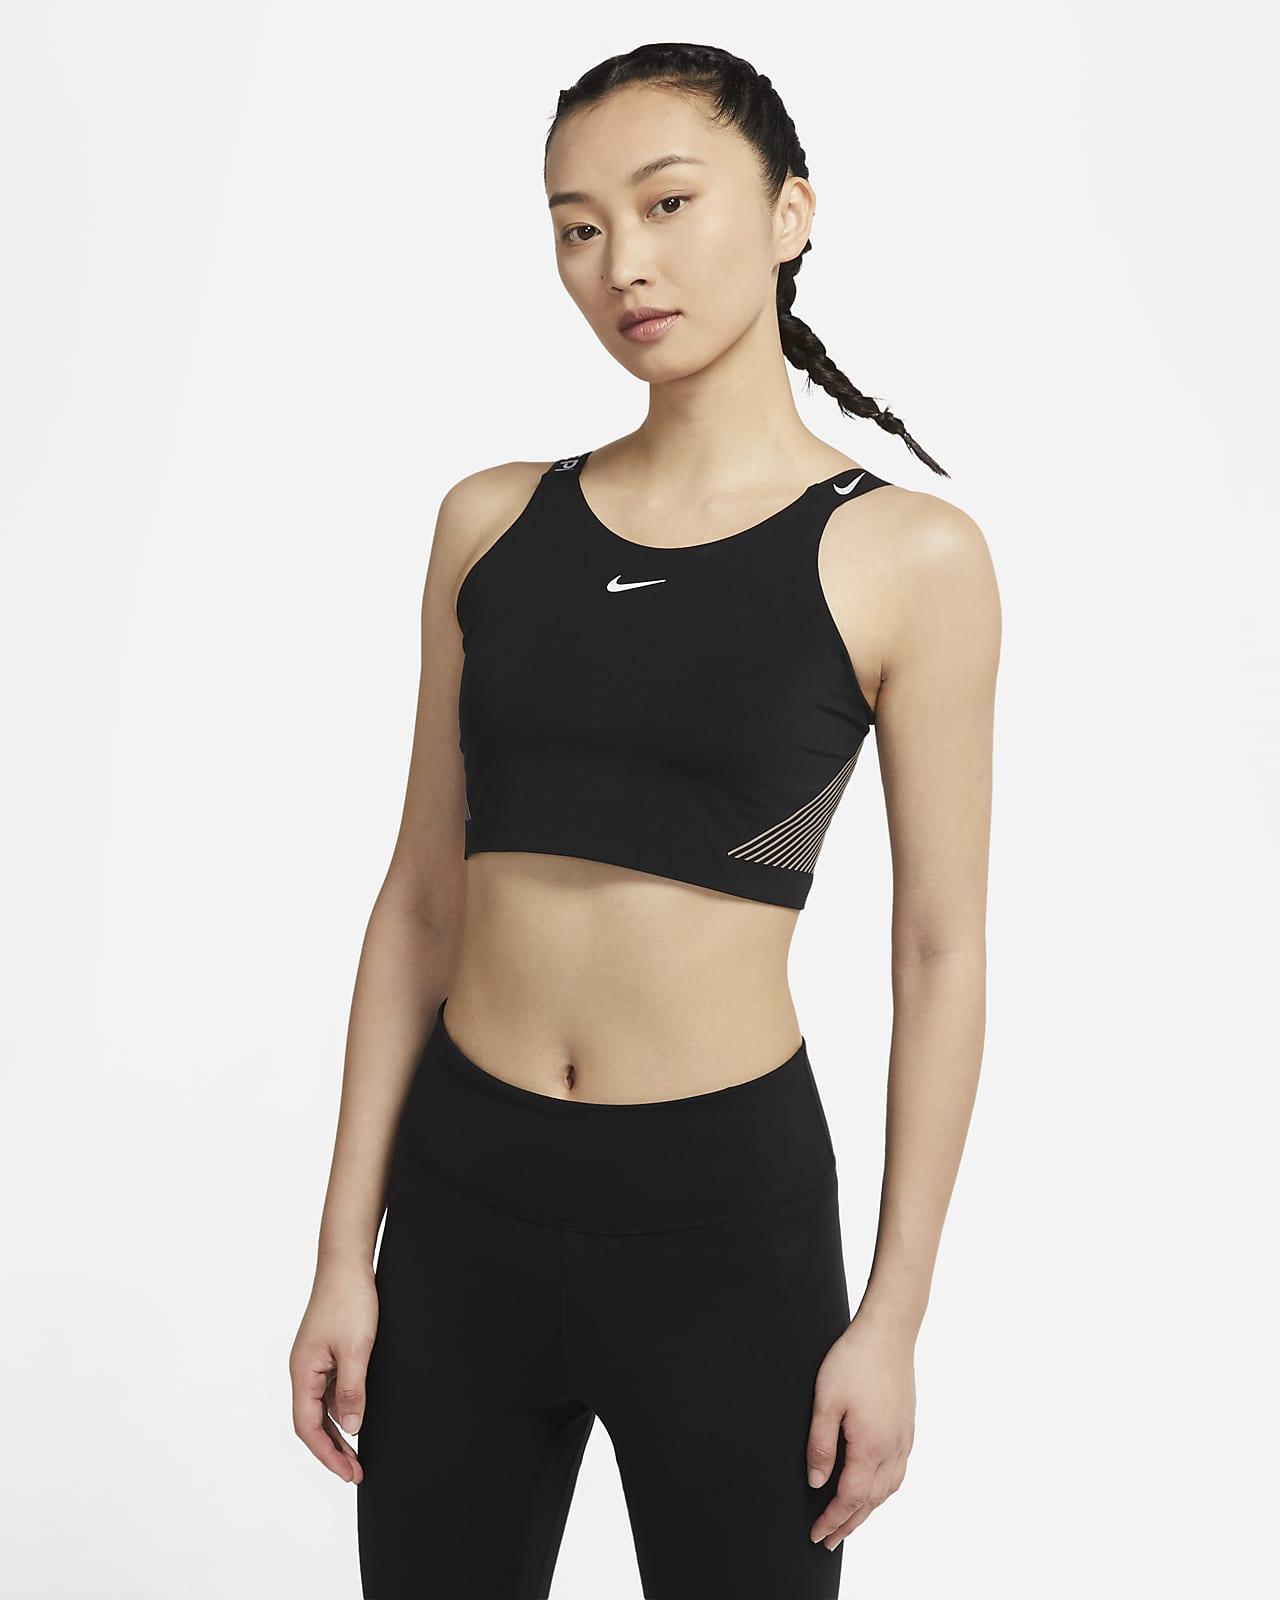 เสื้อกล้ามเอวลอยมีบราบังทรงผู้หญิง Nike Pro Dri-FIT